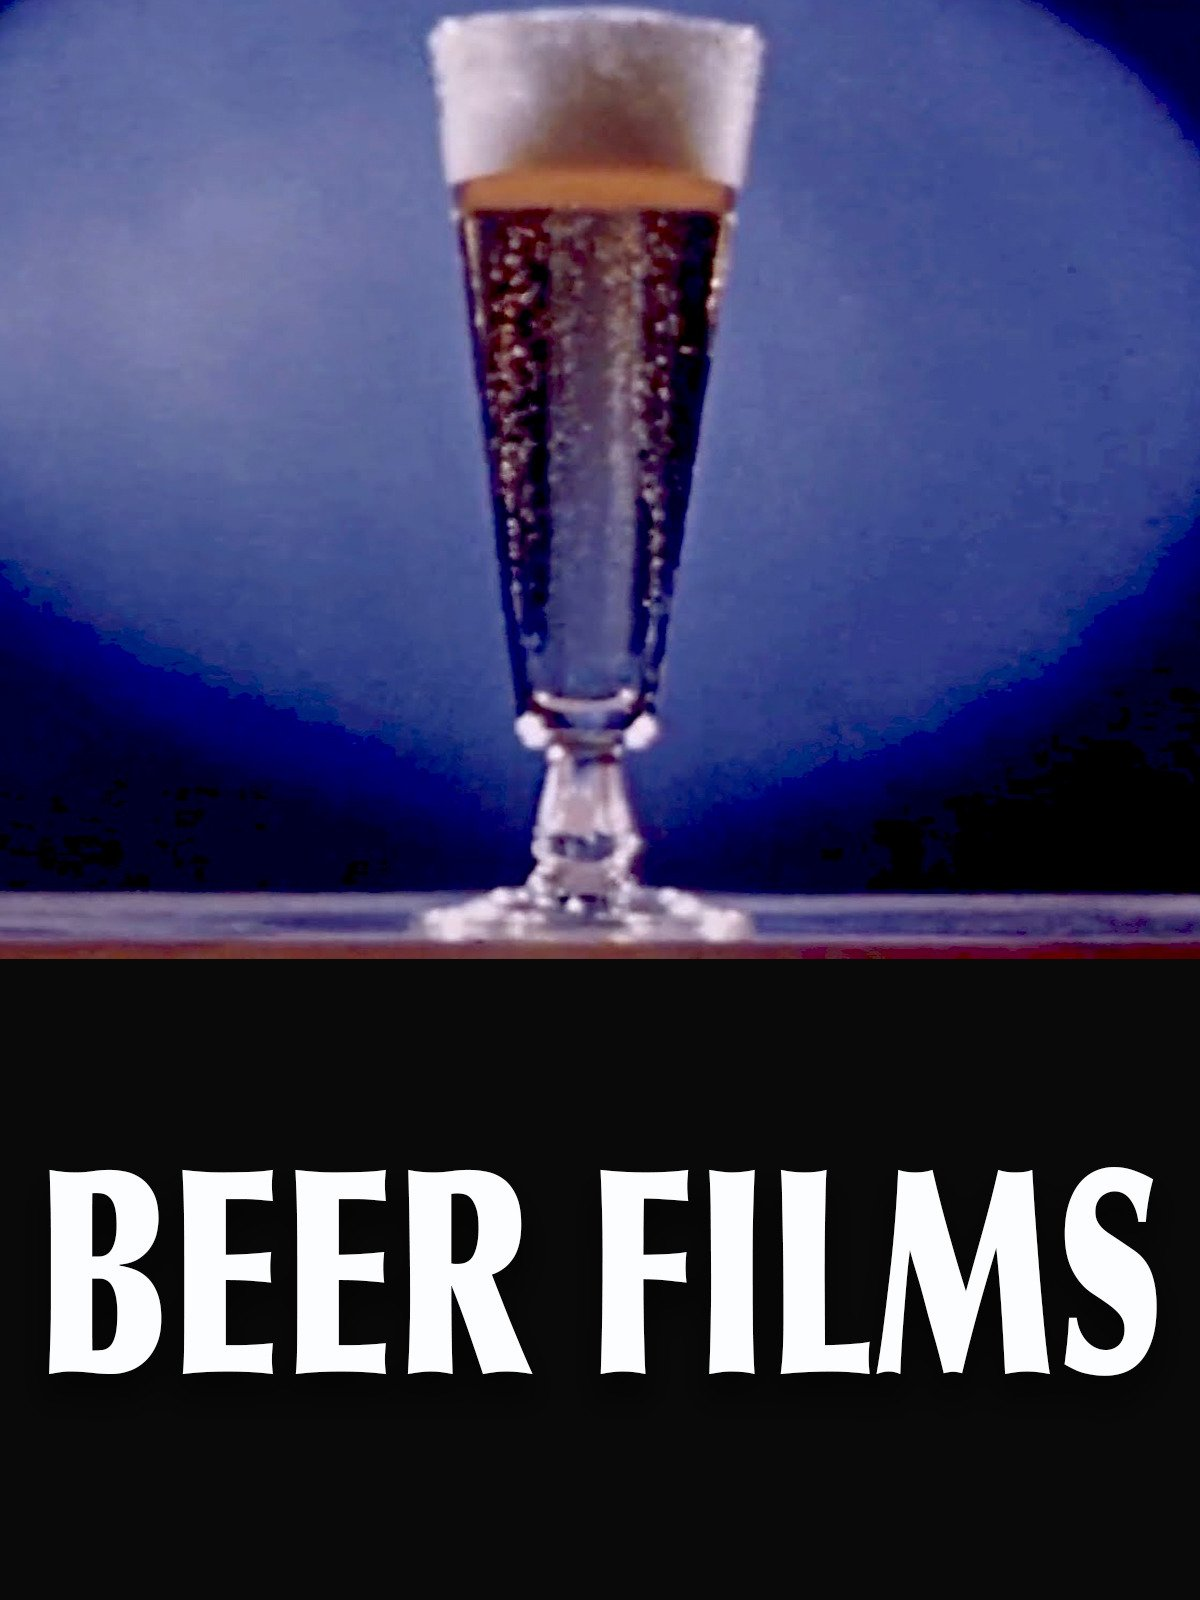 Beer Films